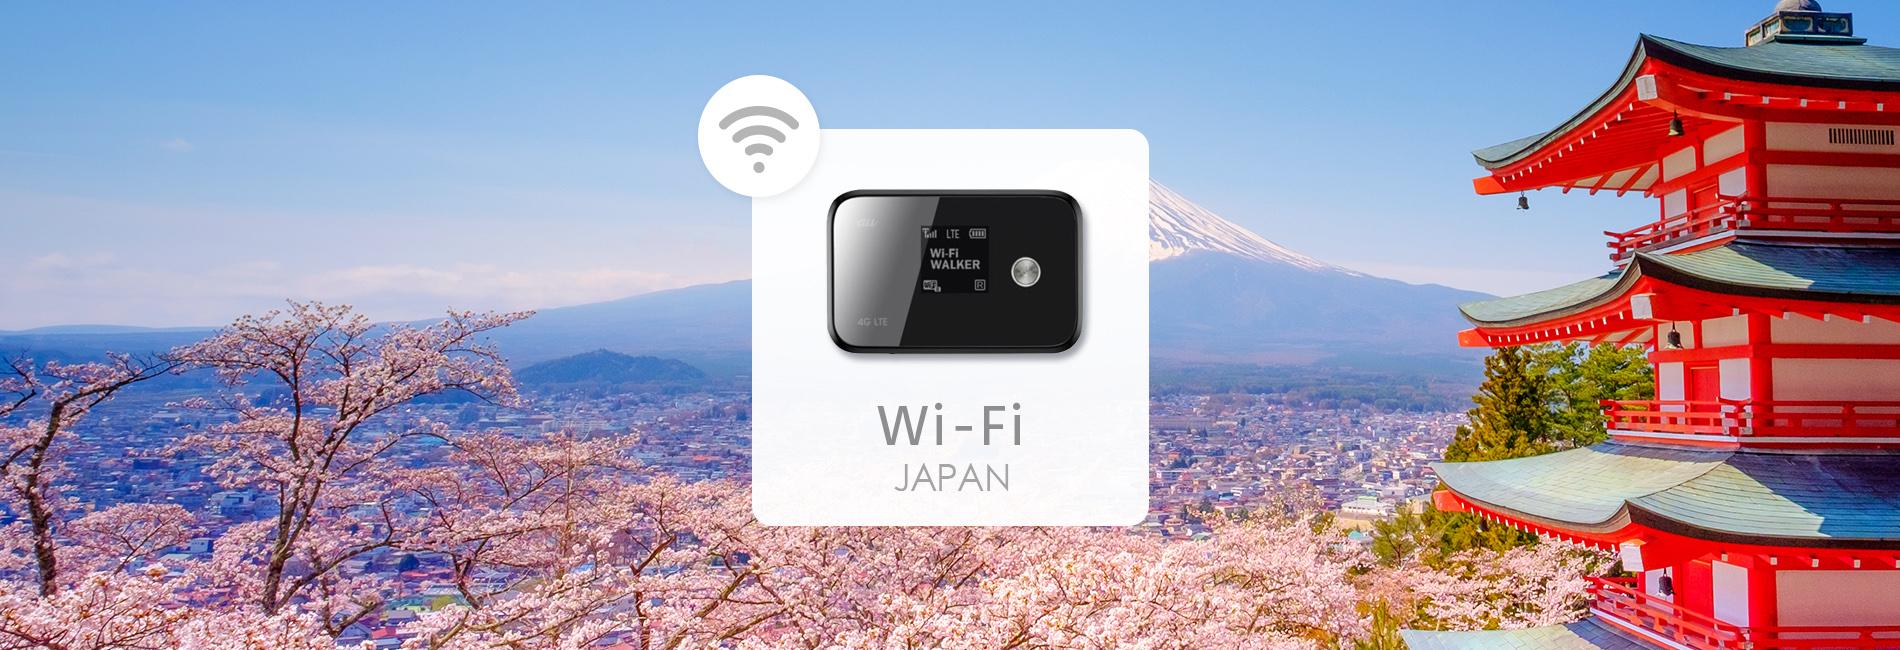 Japan 4G Portable Wi-Fi Rental (Pick-Up at Taiwan Airports)